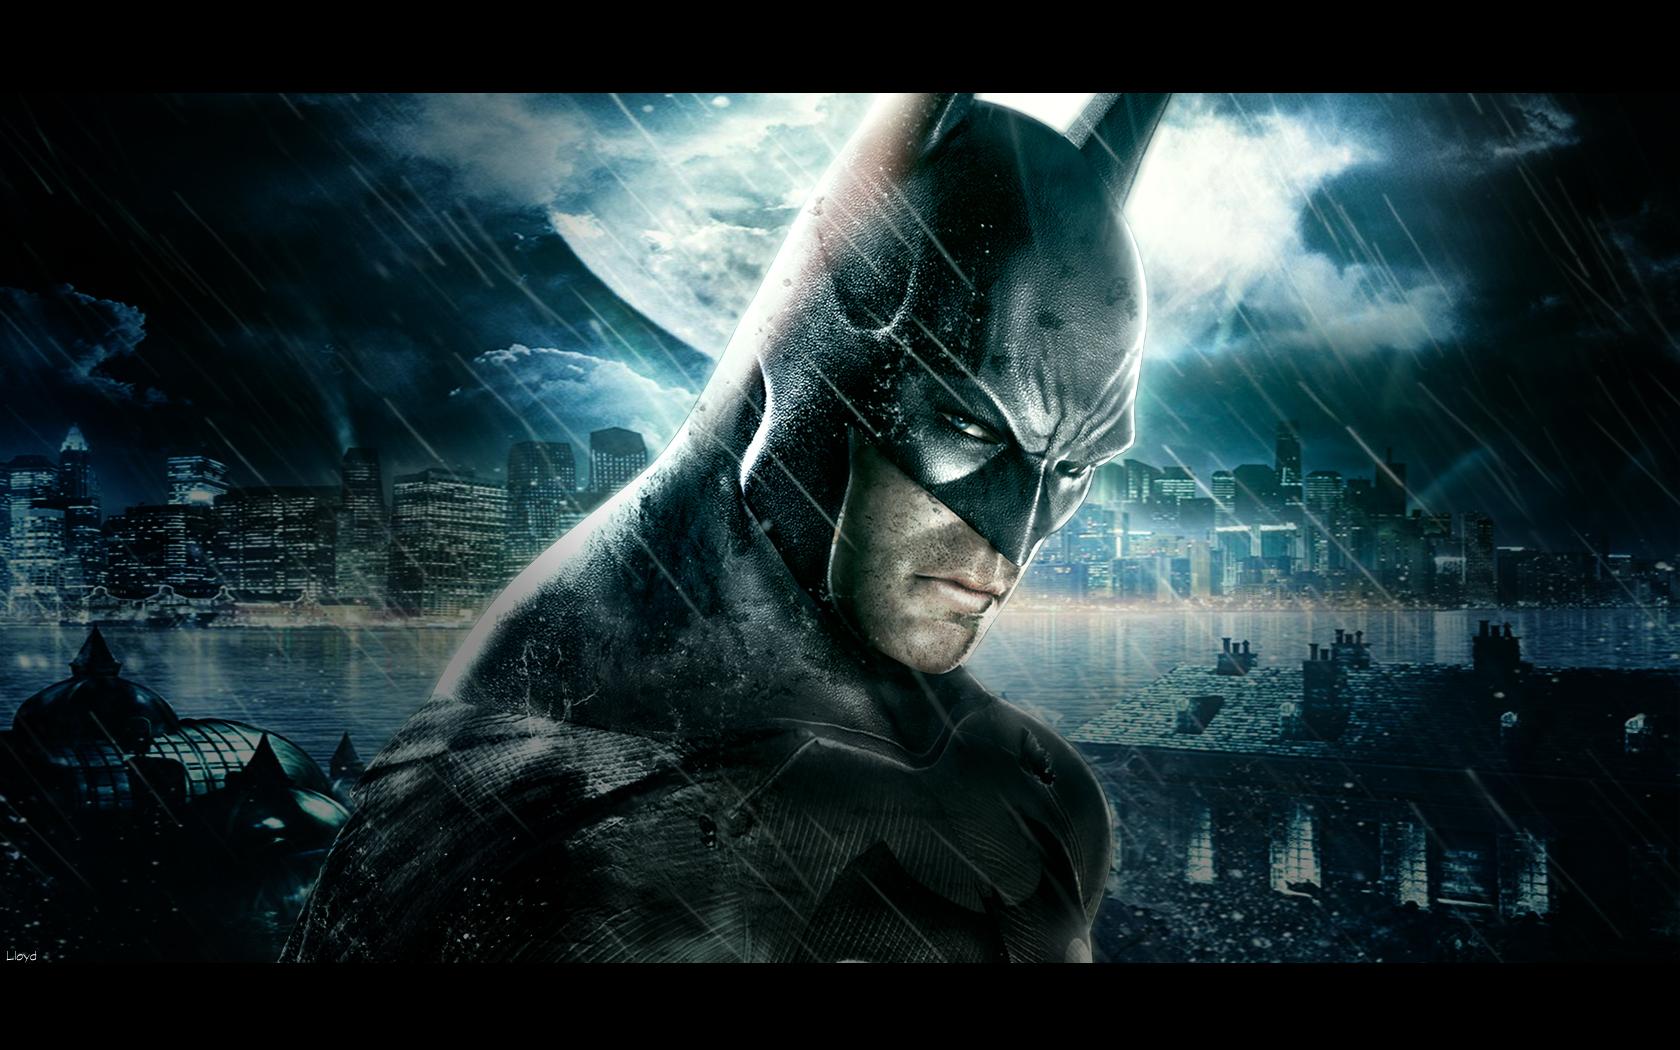 Batman Arkham Asylum images Batman Arkham asylum HD 1680x1050